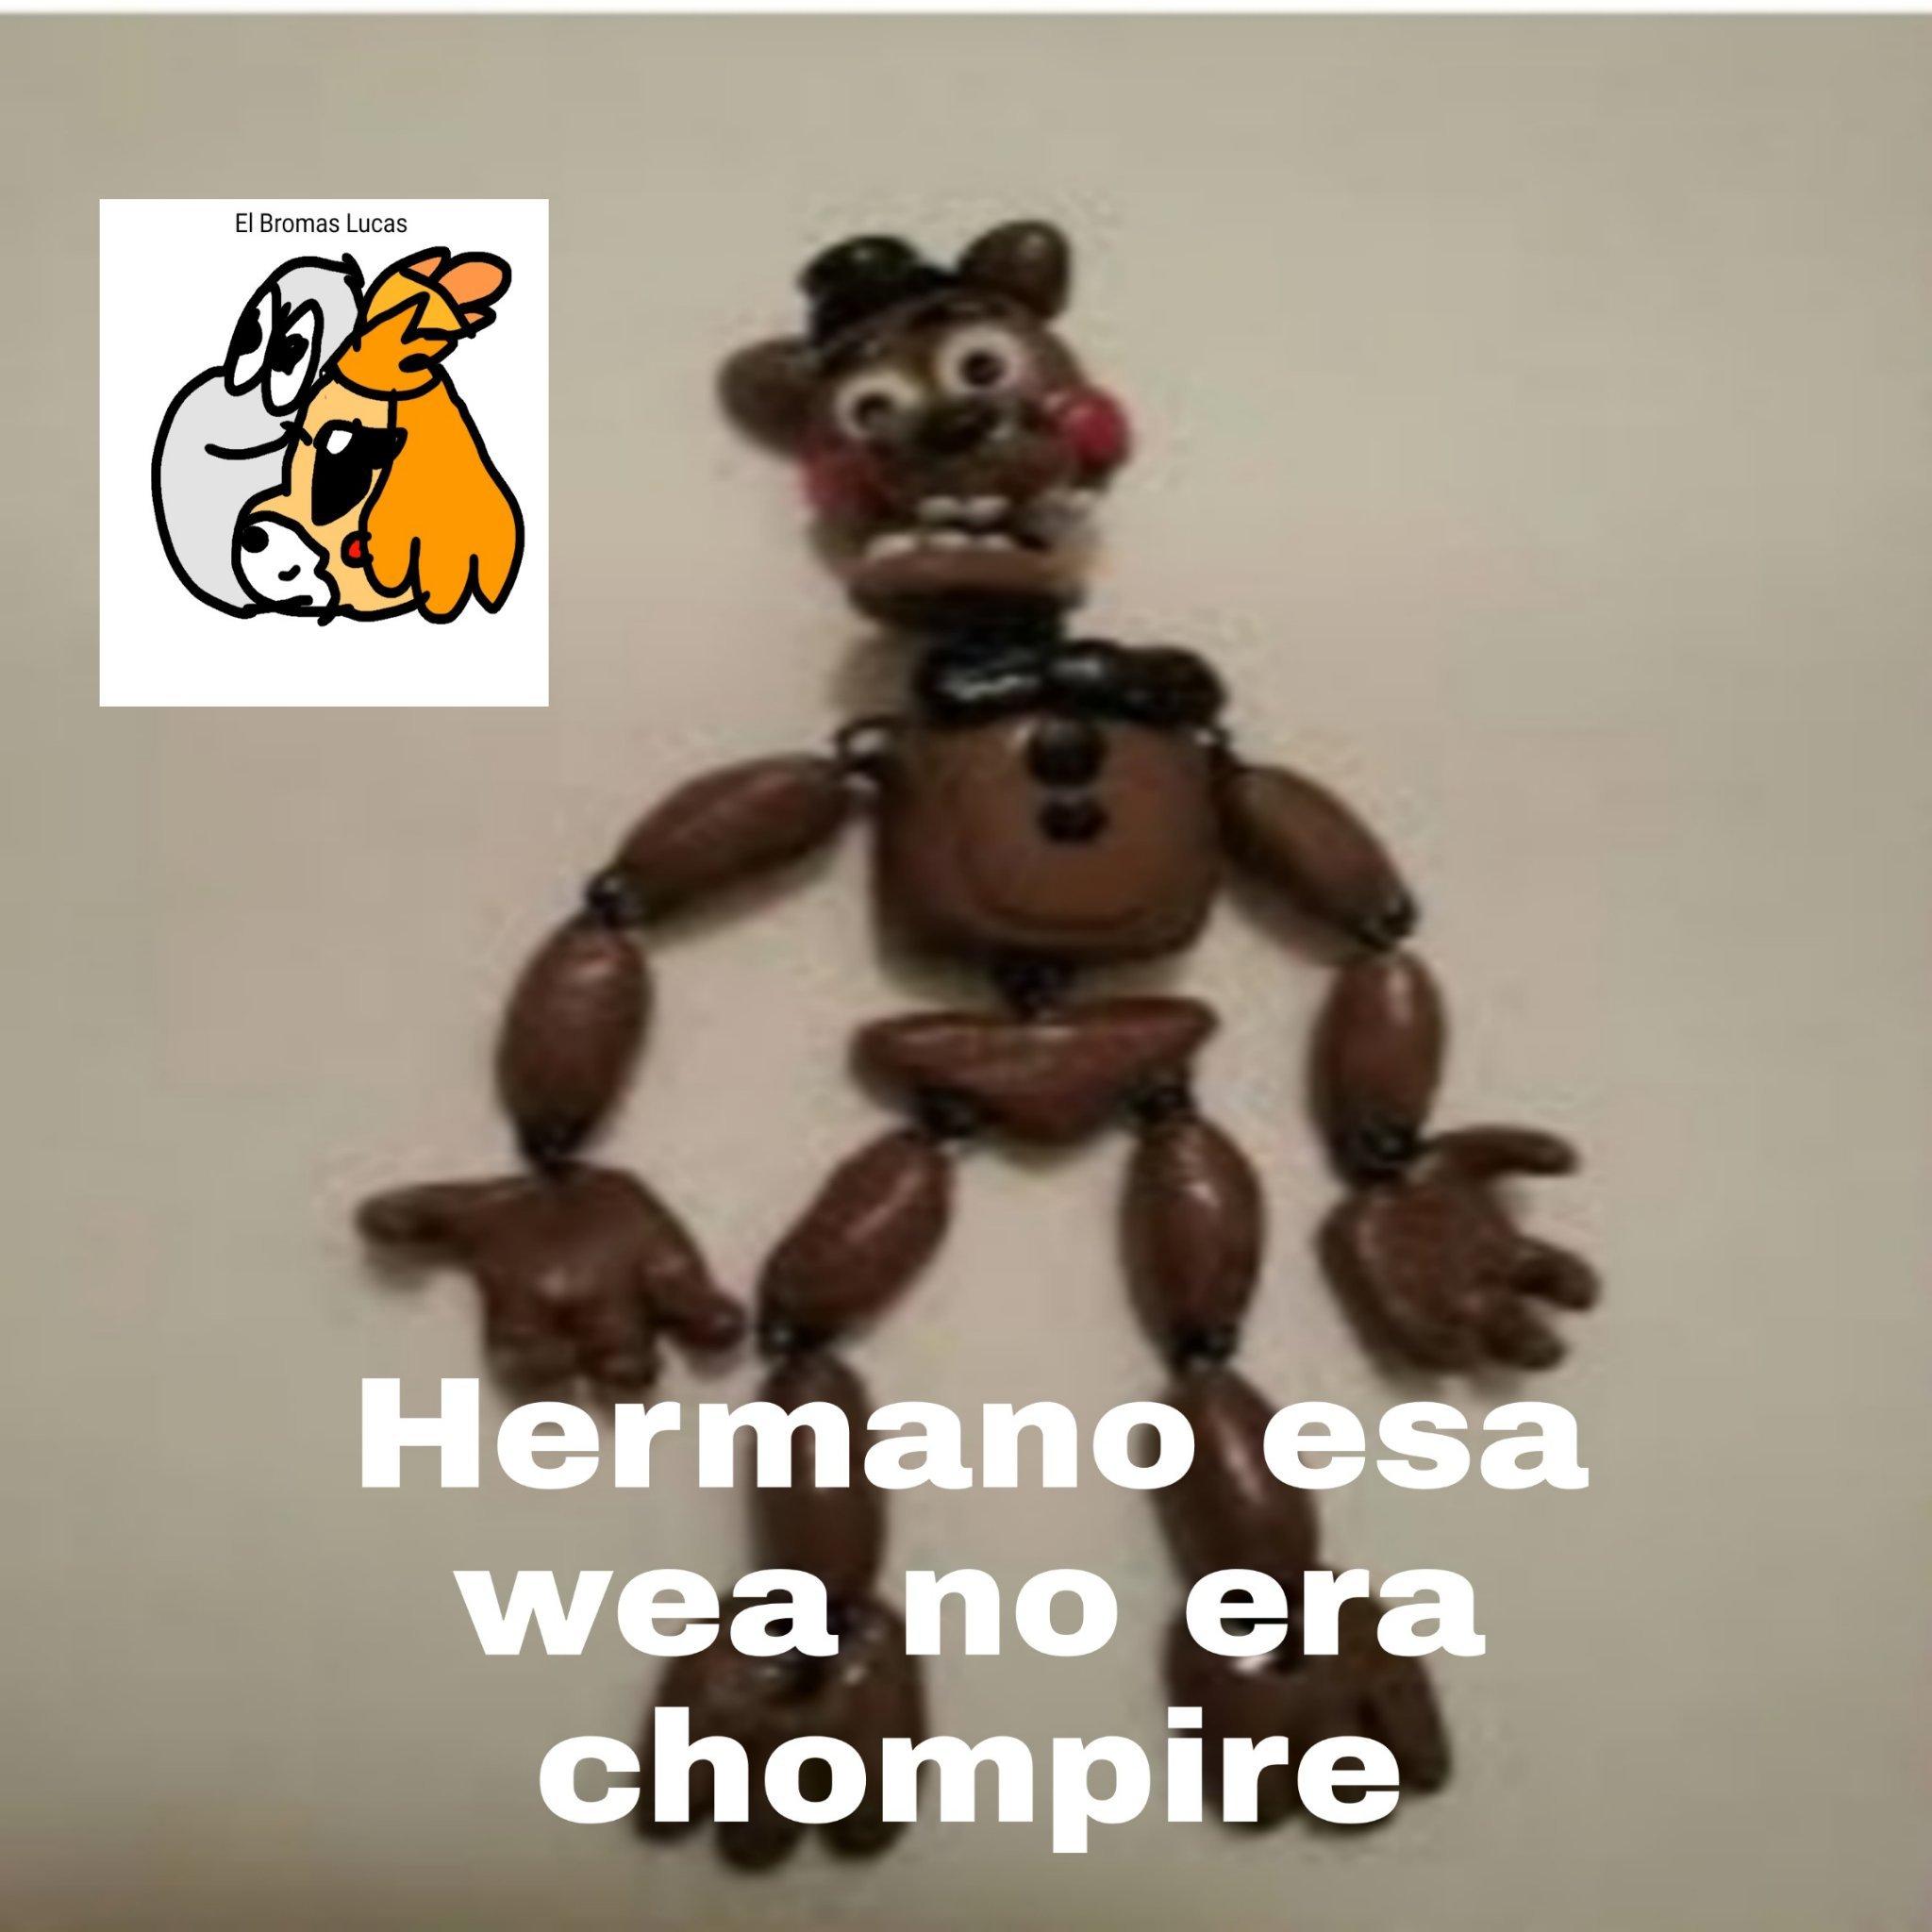 Feliz cumpleaños ElBromasLucas - meme